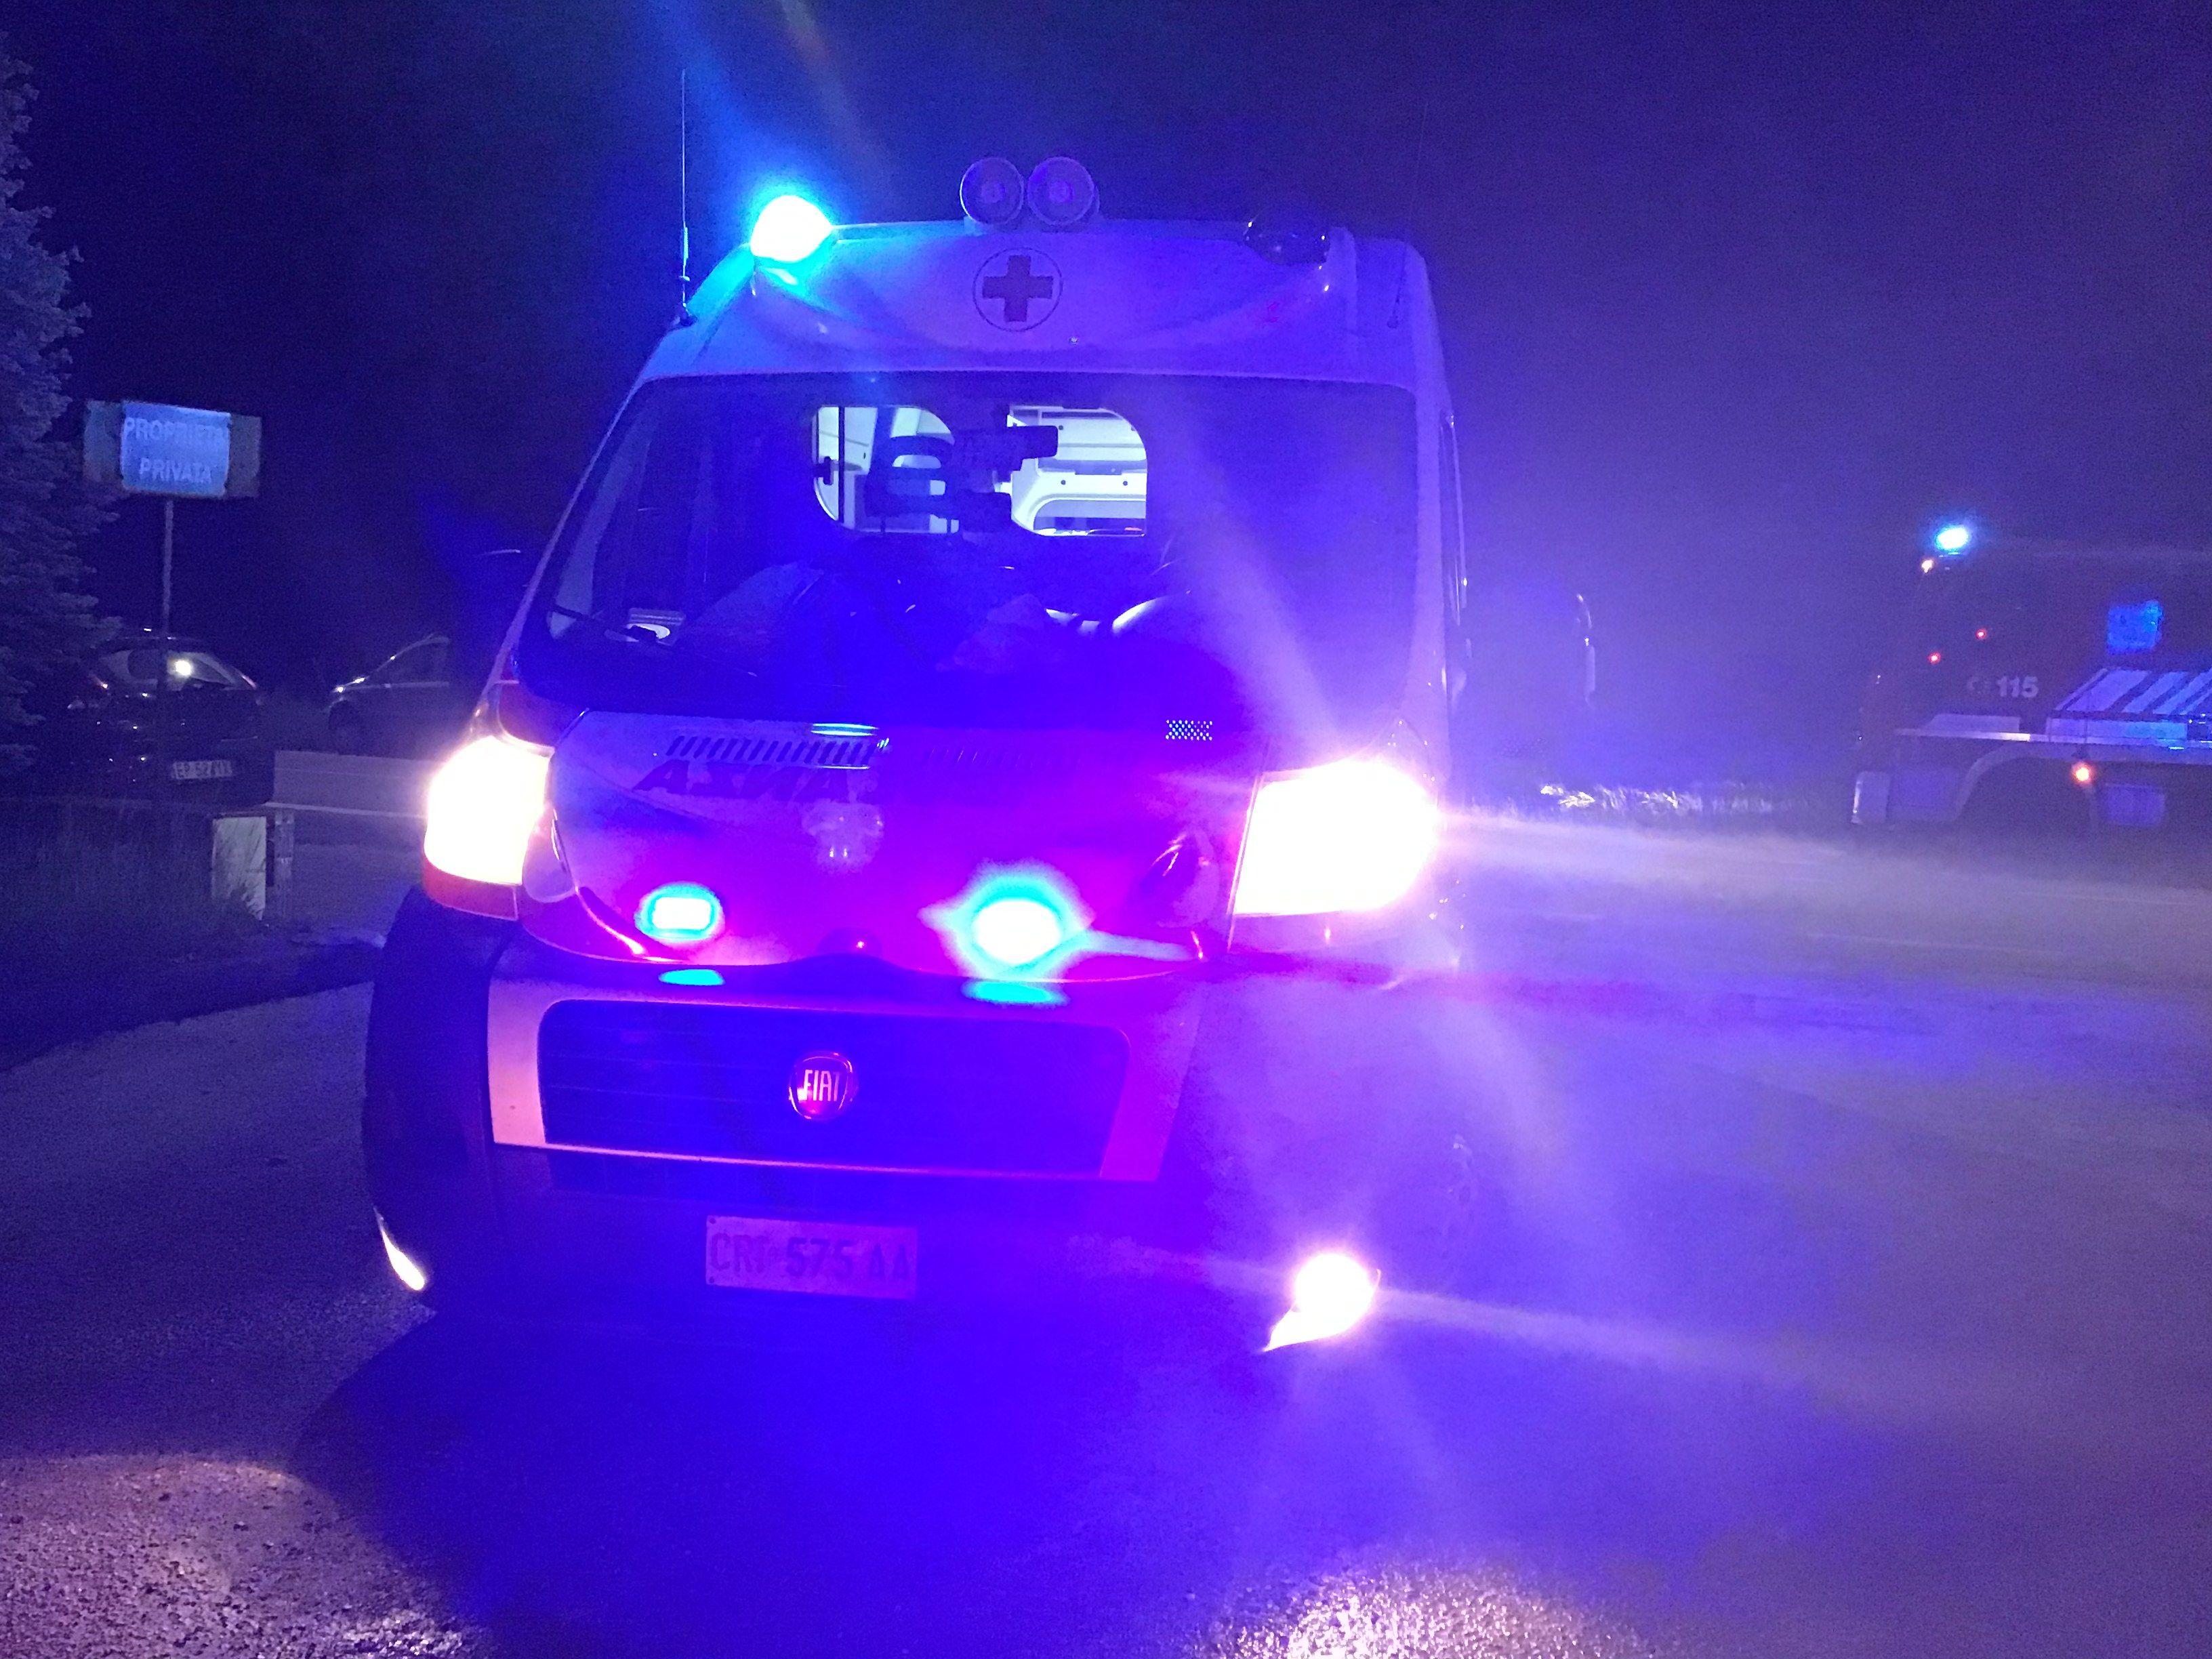 IVREA - Auto pirata investe ciclista: ferito in prognosi riservata. I carabinieri stanno cercando di identificare l'automobilista in fuga